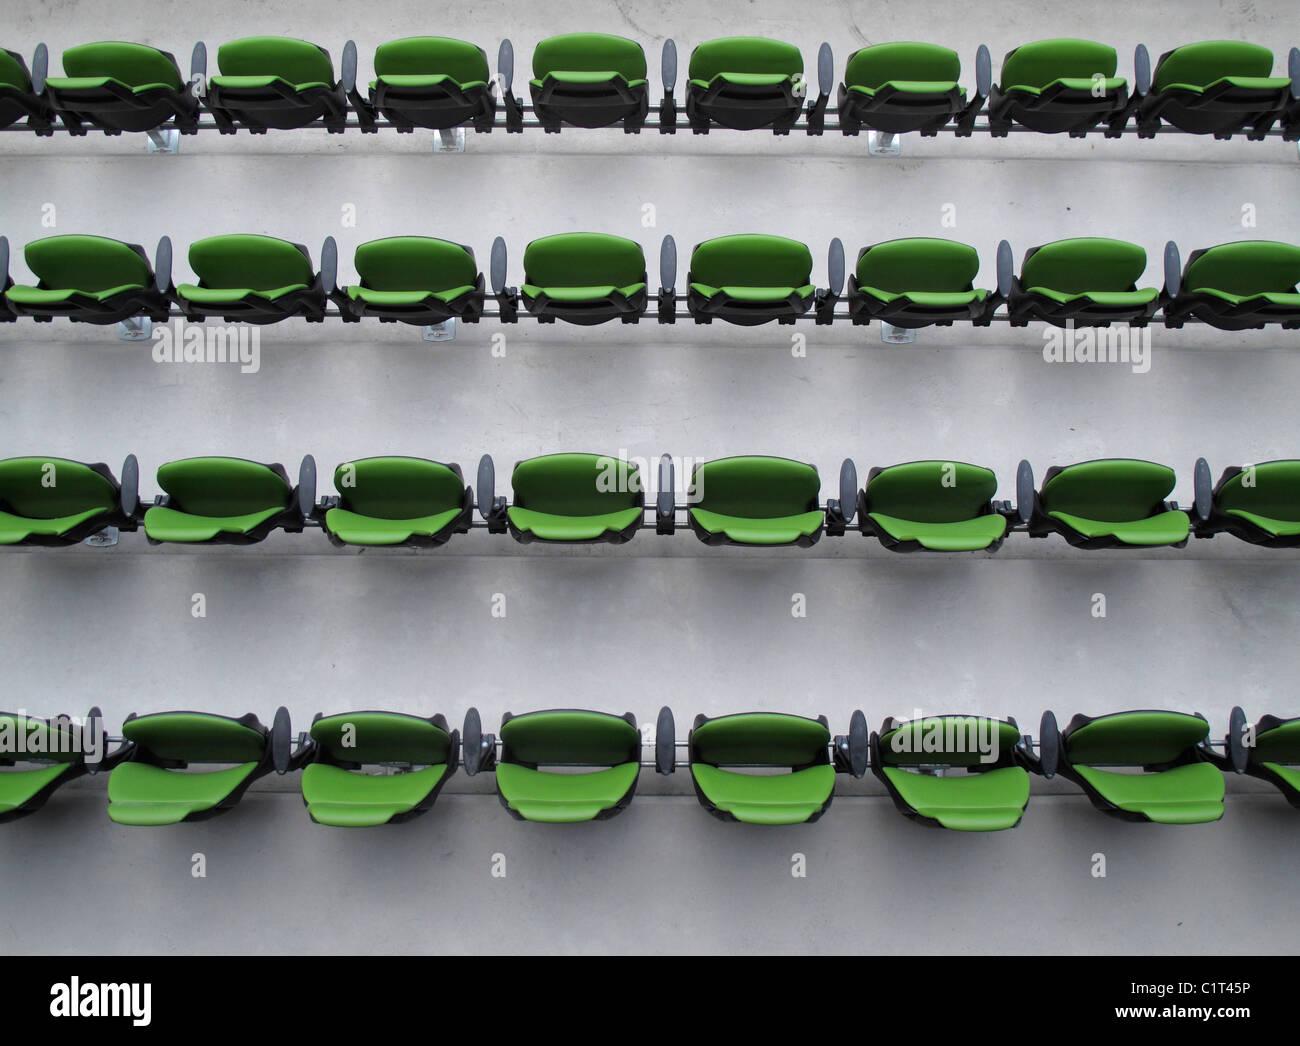 Posti a sedere stadio Immagini Stock